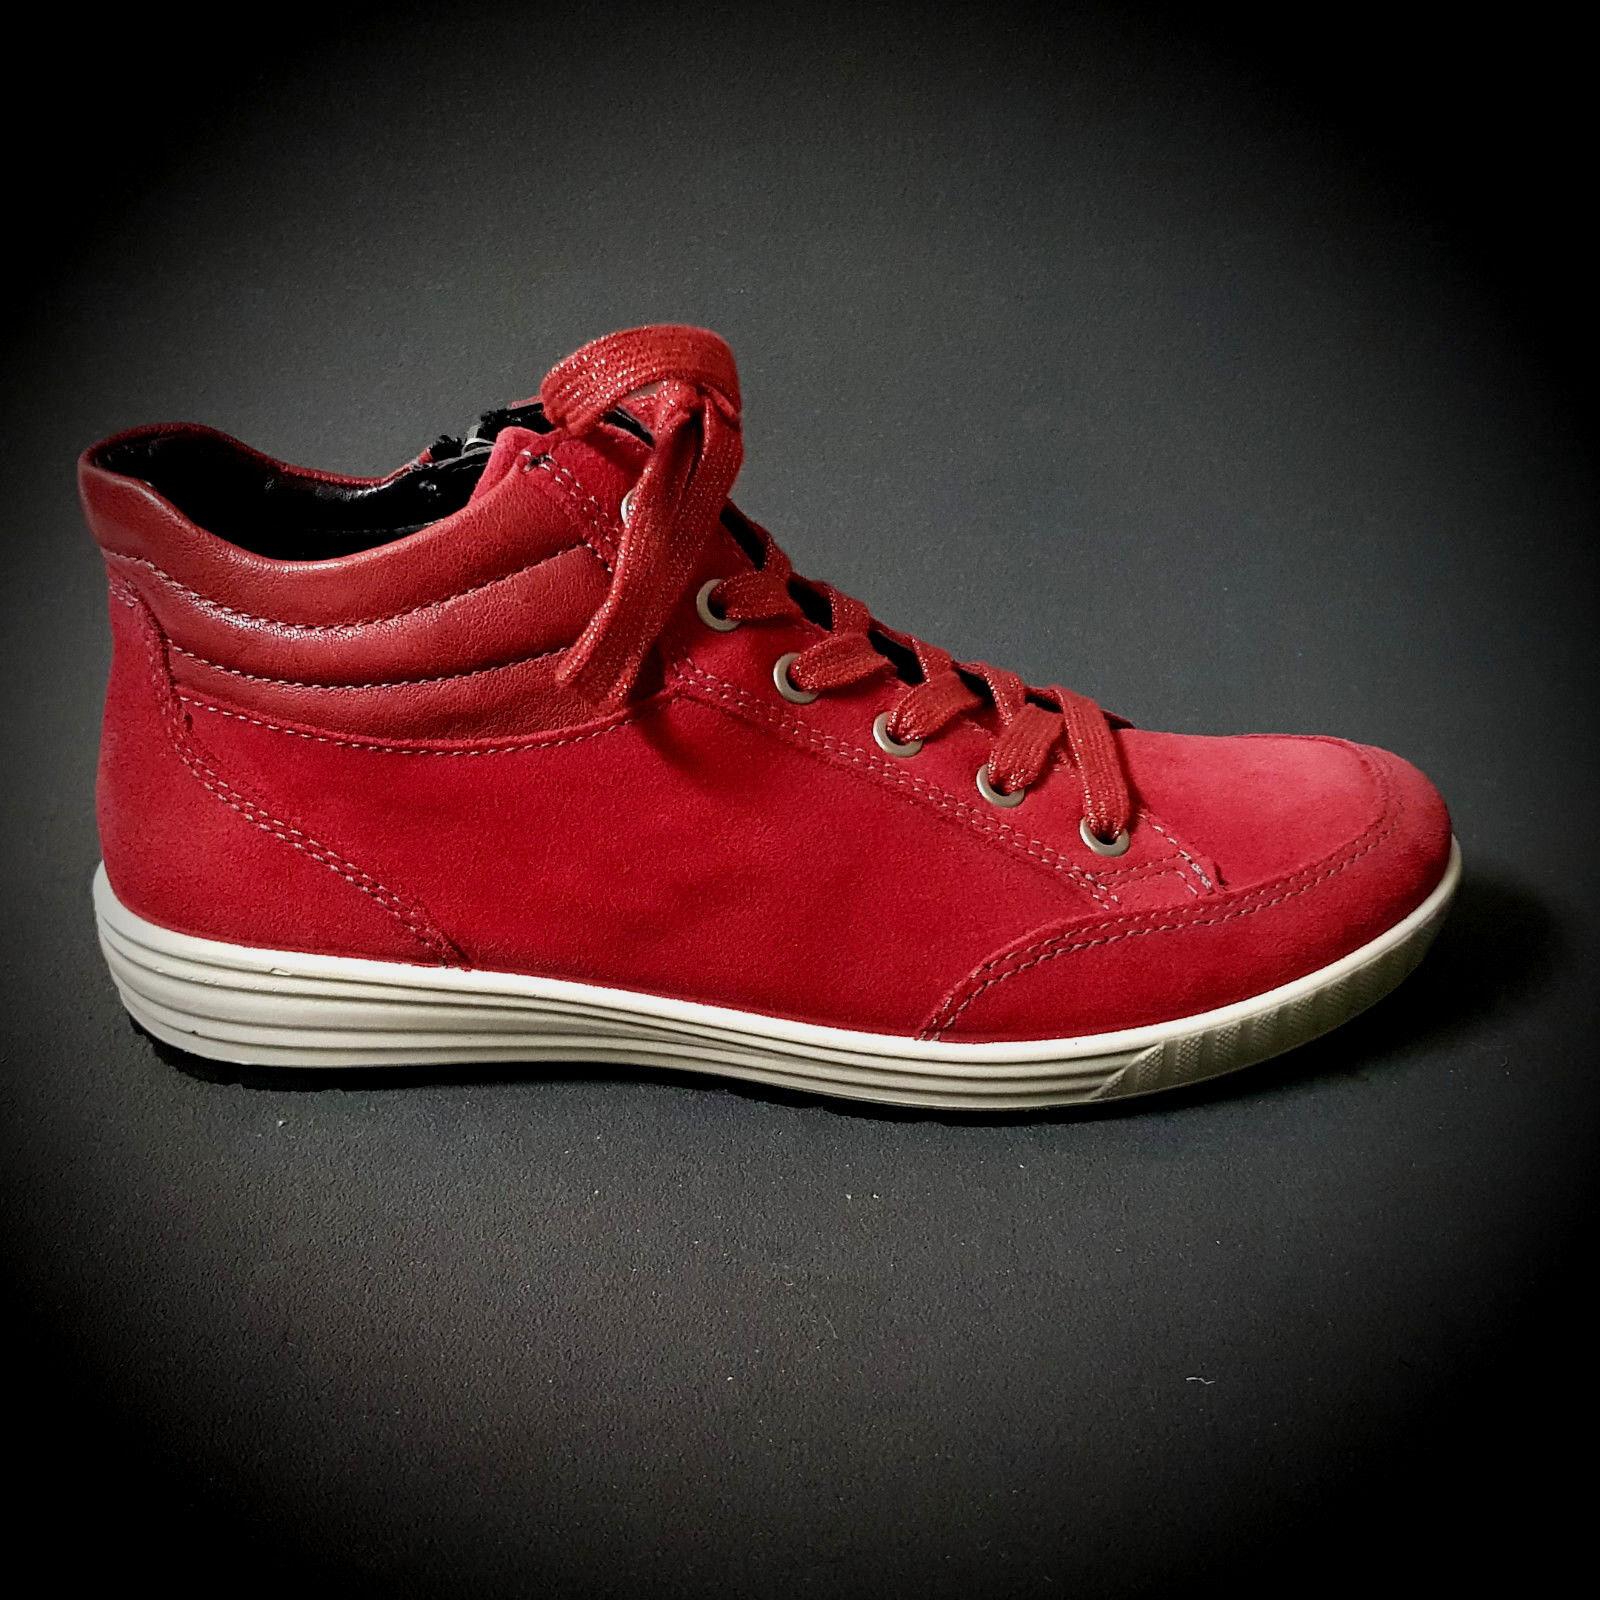 Ara cortos señora botas zapatos cuero rojo rojo rojo de cuero nuevo rojouce venta 49496  almacén al por mayor